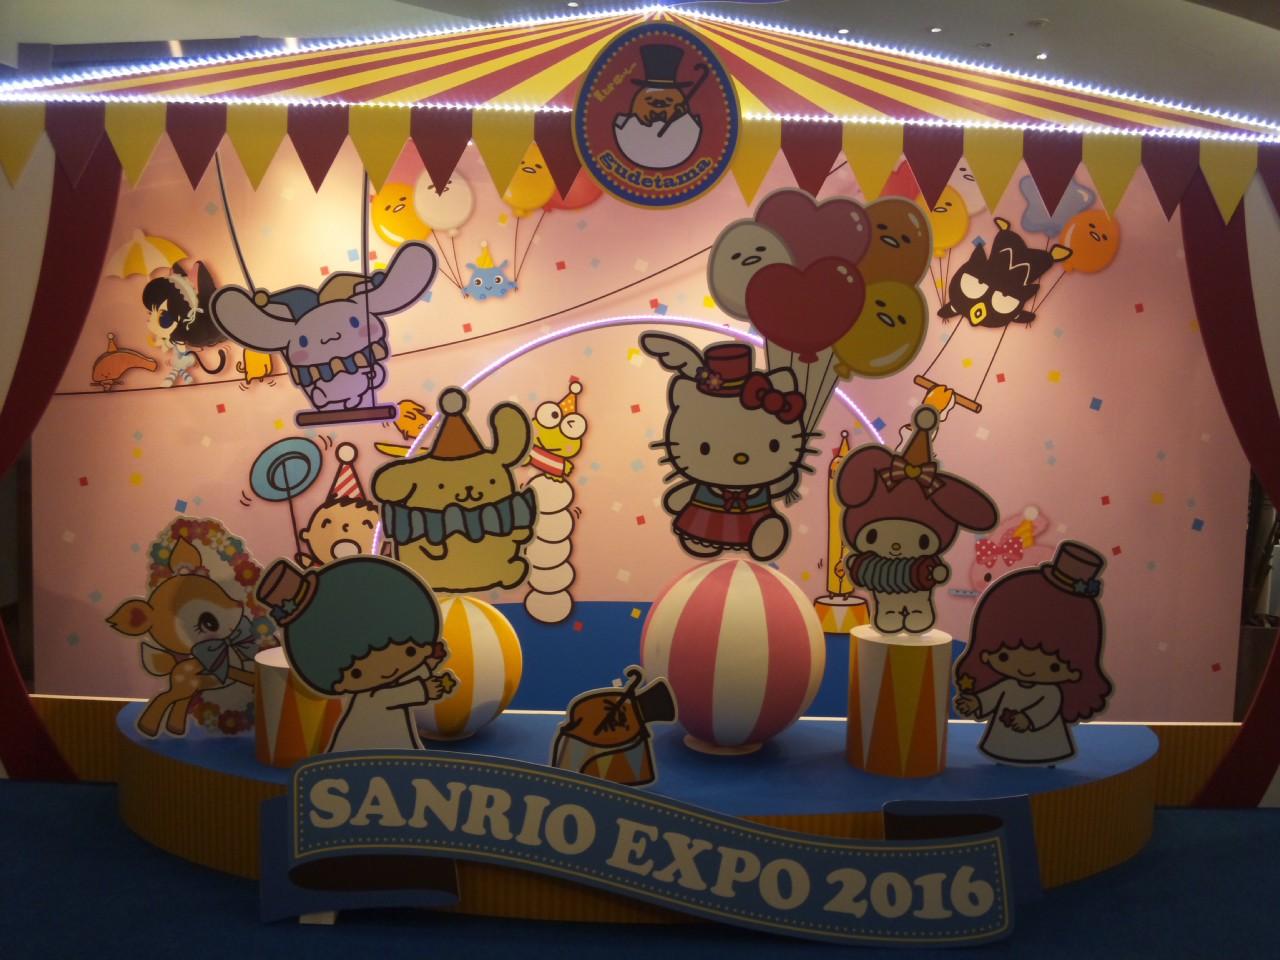 SANRIO EXPO 2016!